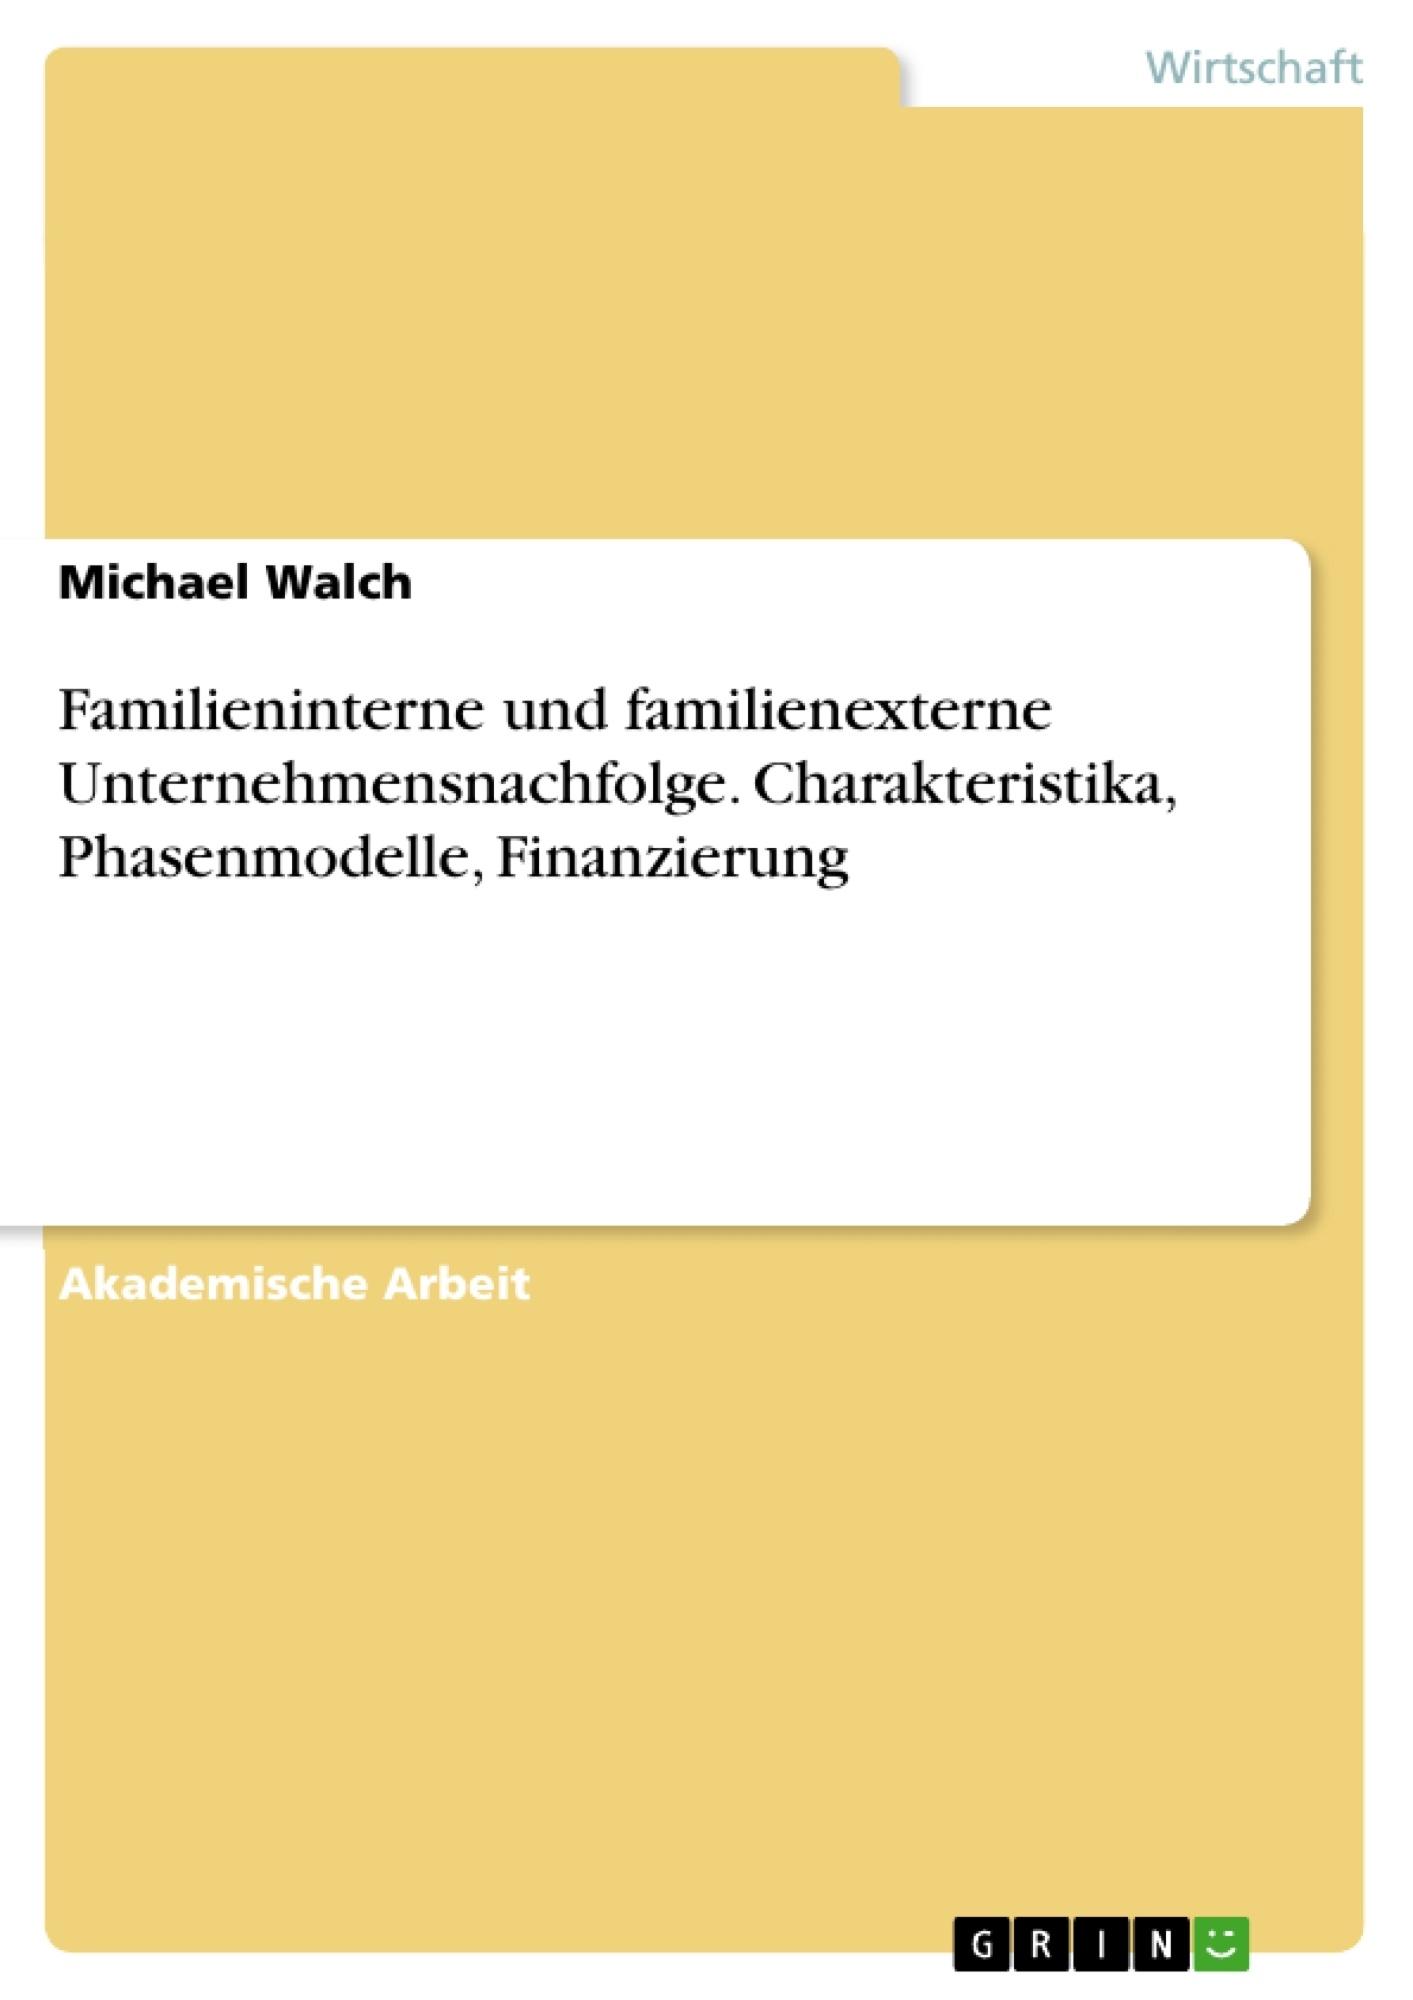 Titel: Familieninterne und familienexterne Unternehmensnachfolge. Charakteristika, Phasenmodelle, Finanzierung